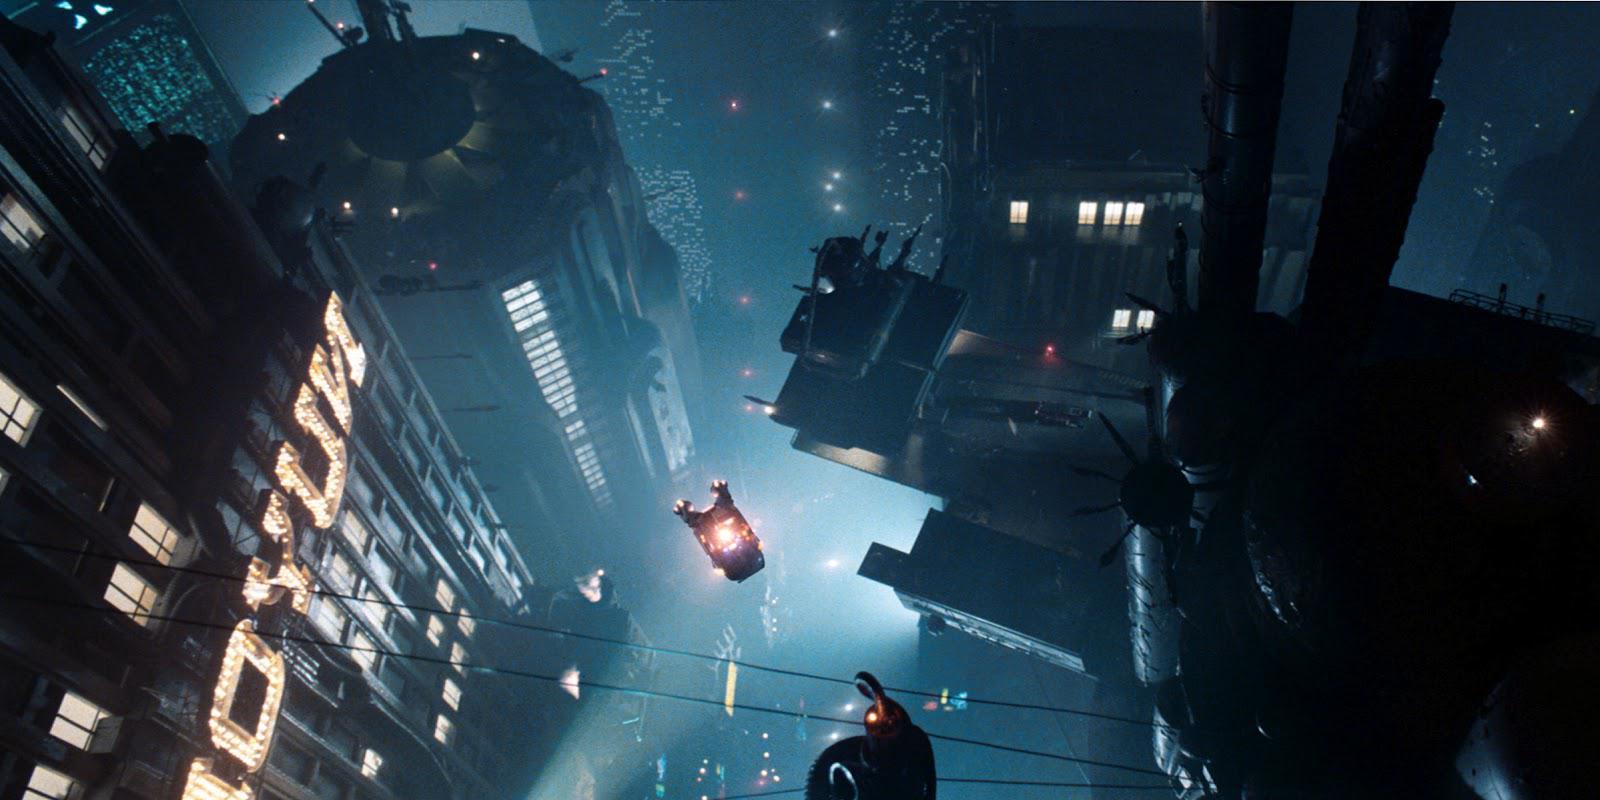 Bintang The Notebook, Ryan Gosling bergabung dengan jajaran pemain Blade Runner yang turut diperankan Harrison Ford.